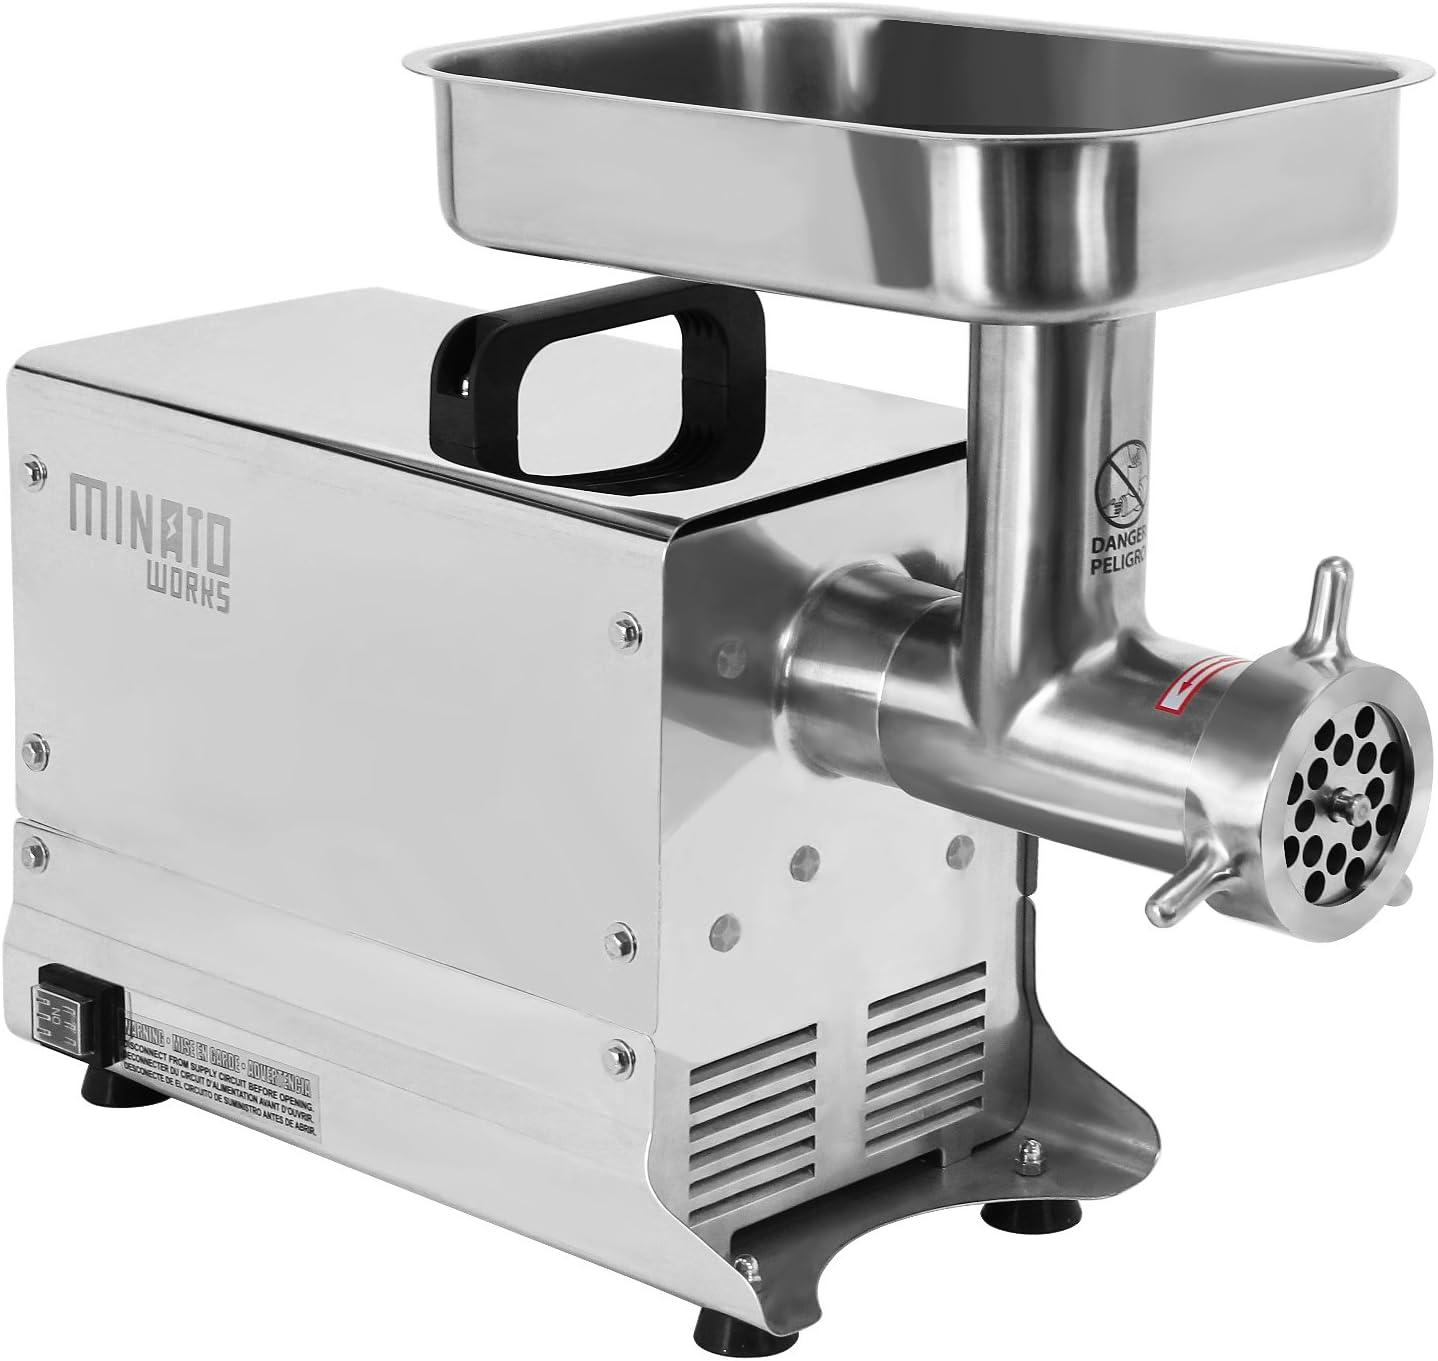 ミナト 業務用ステンレス製 電動ミンサー (PMM-12F 消費電力:550W)